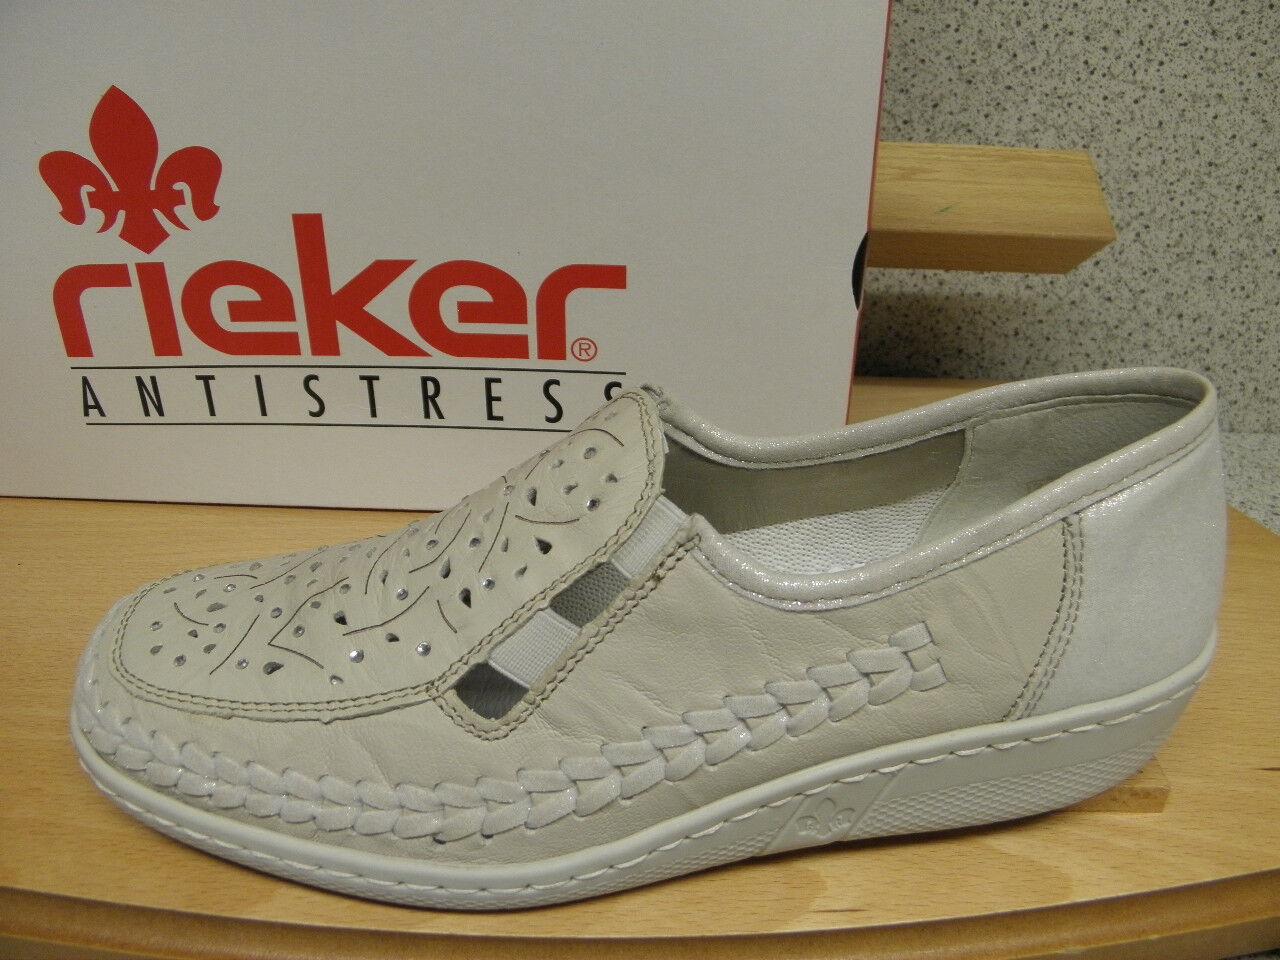 Rieker ® réduit en cuir beige NEUF super confortable TOP PRIX (r219)